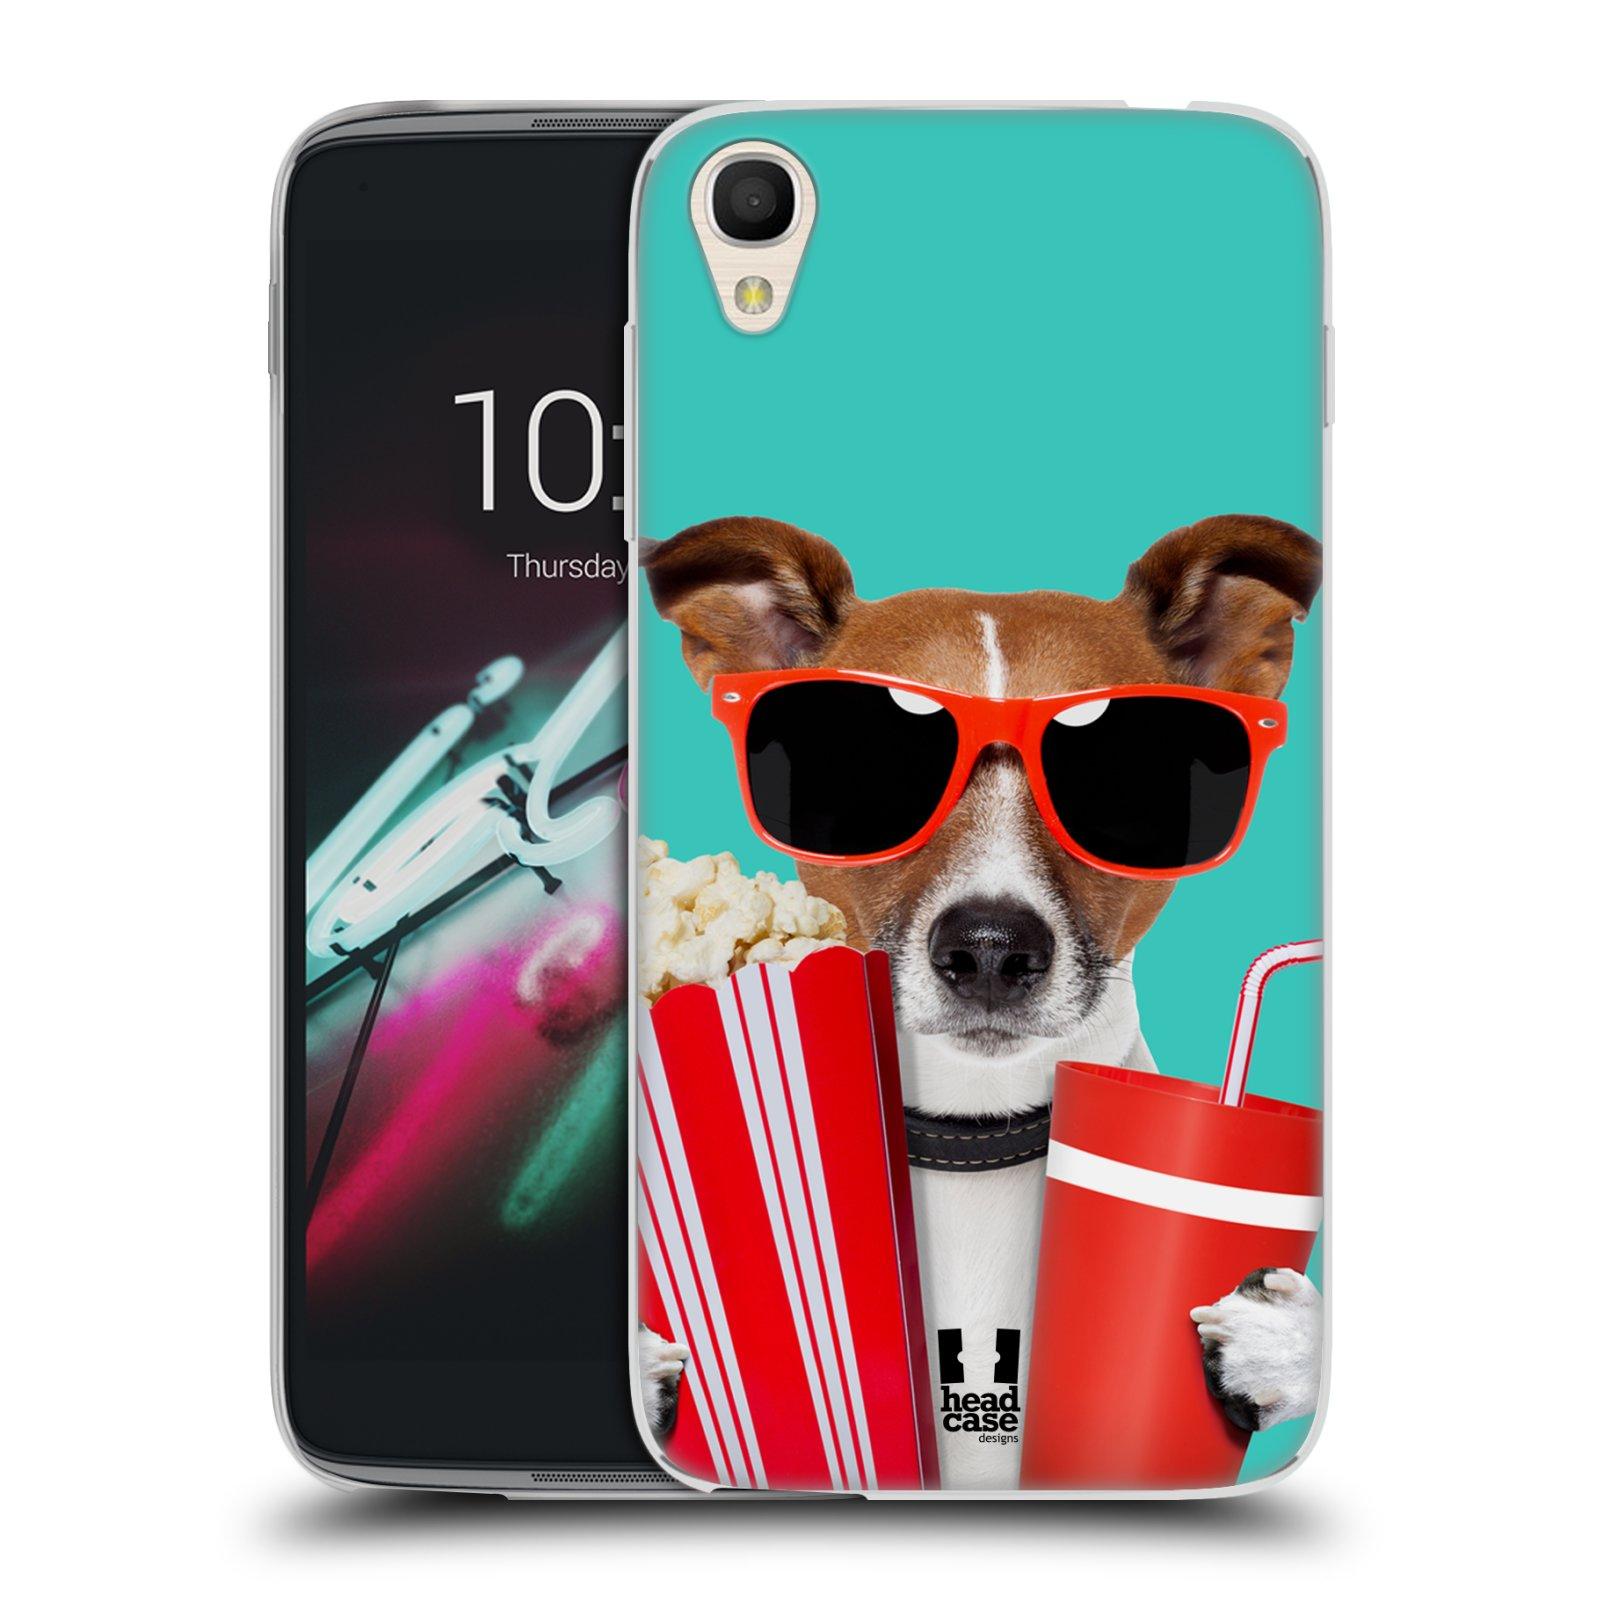 HEAD CASE silikonový obal na mobil Alcatel Idol 3 OT-6039Y (4.7) vzor Legrační zvířátka pejsek v kině s popkornem